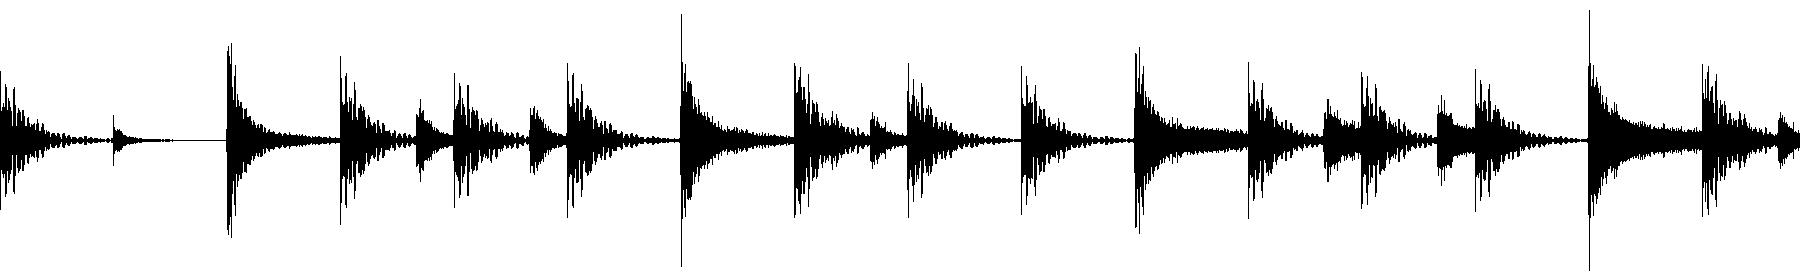 groovy drum beat